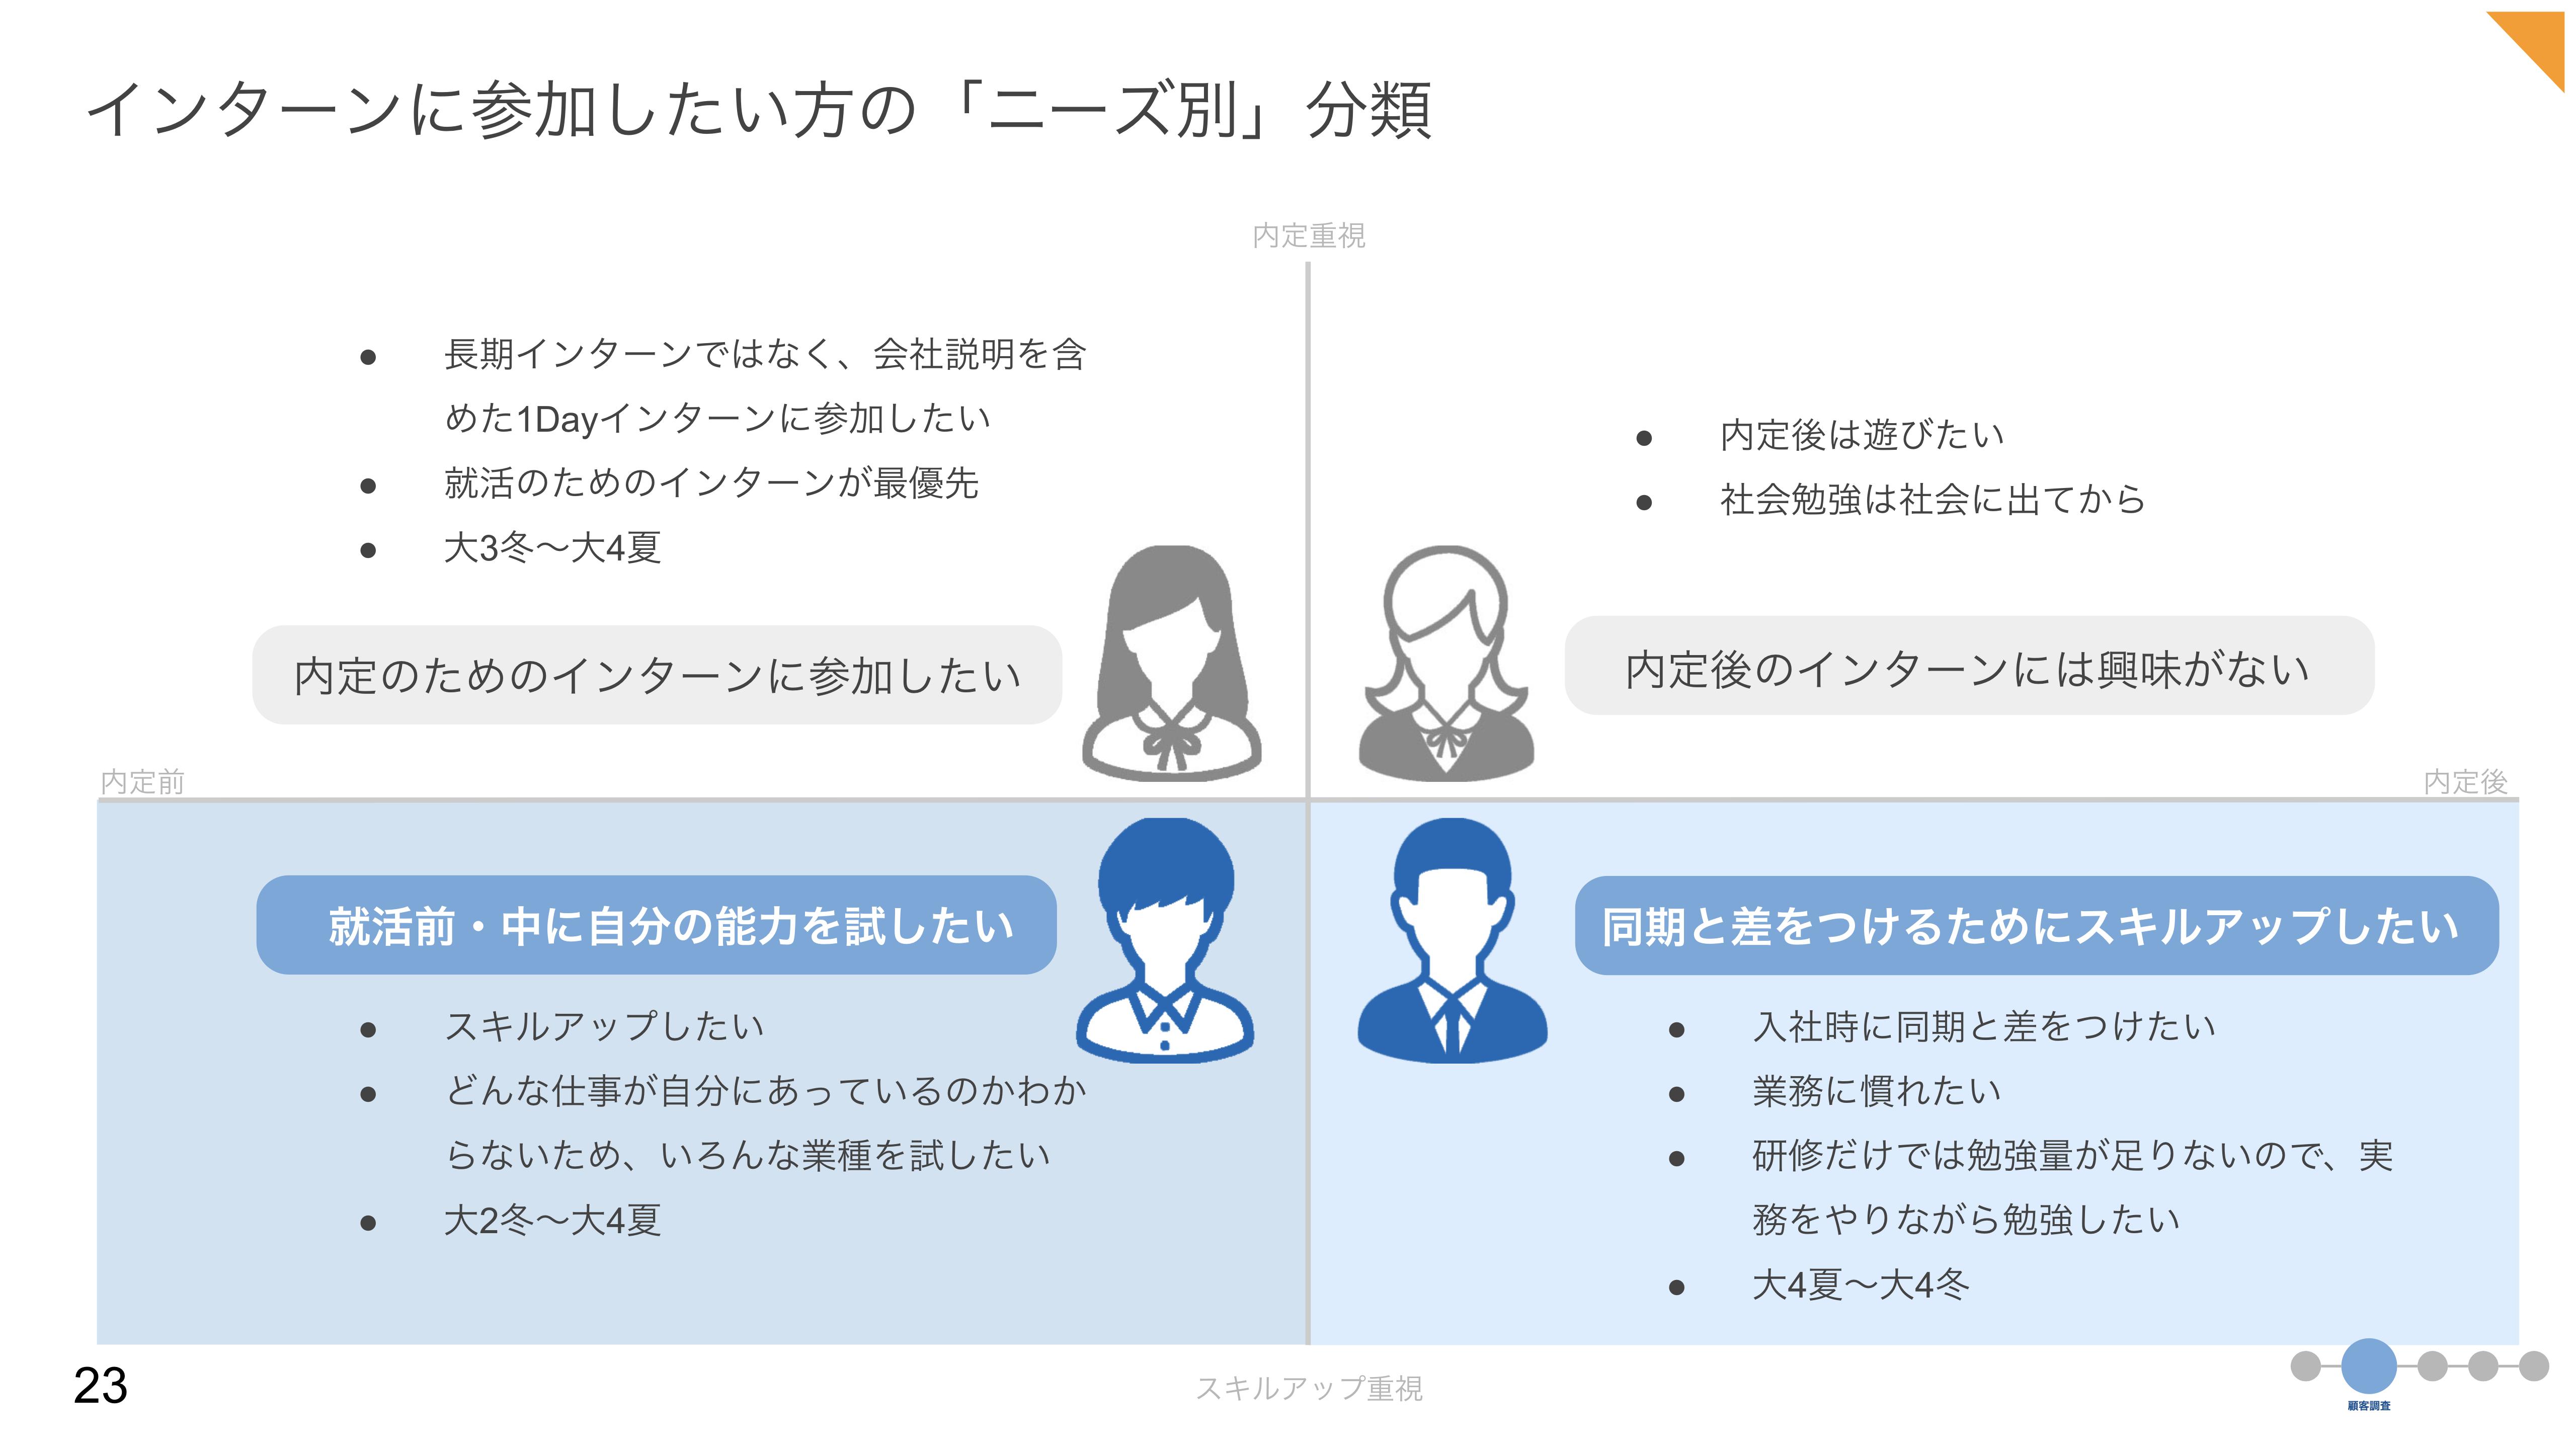 学生の特性を4分類に分け、ターゲットを選定